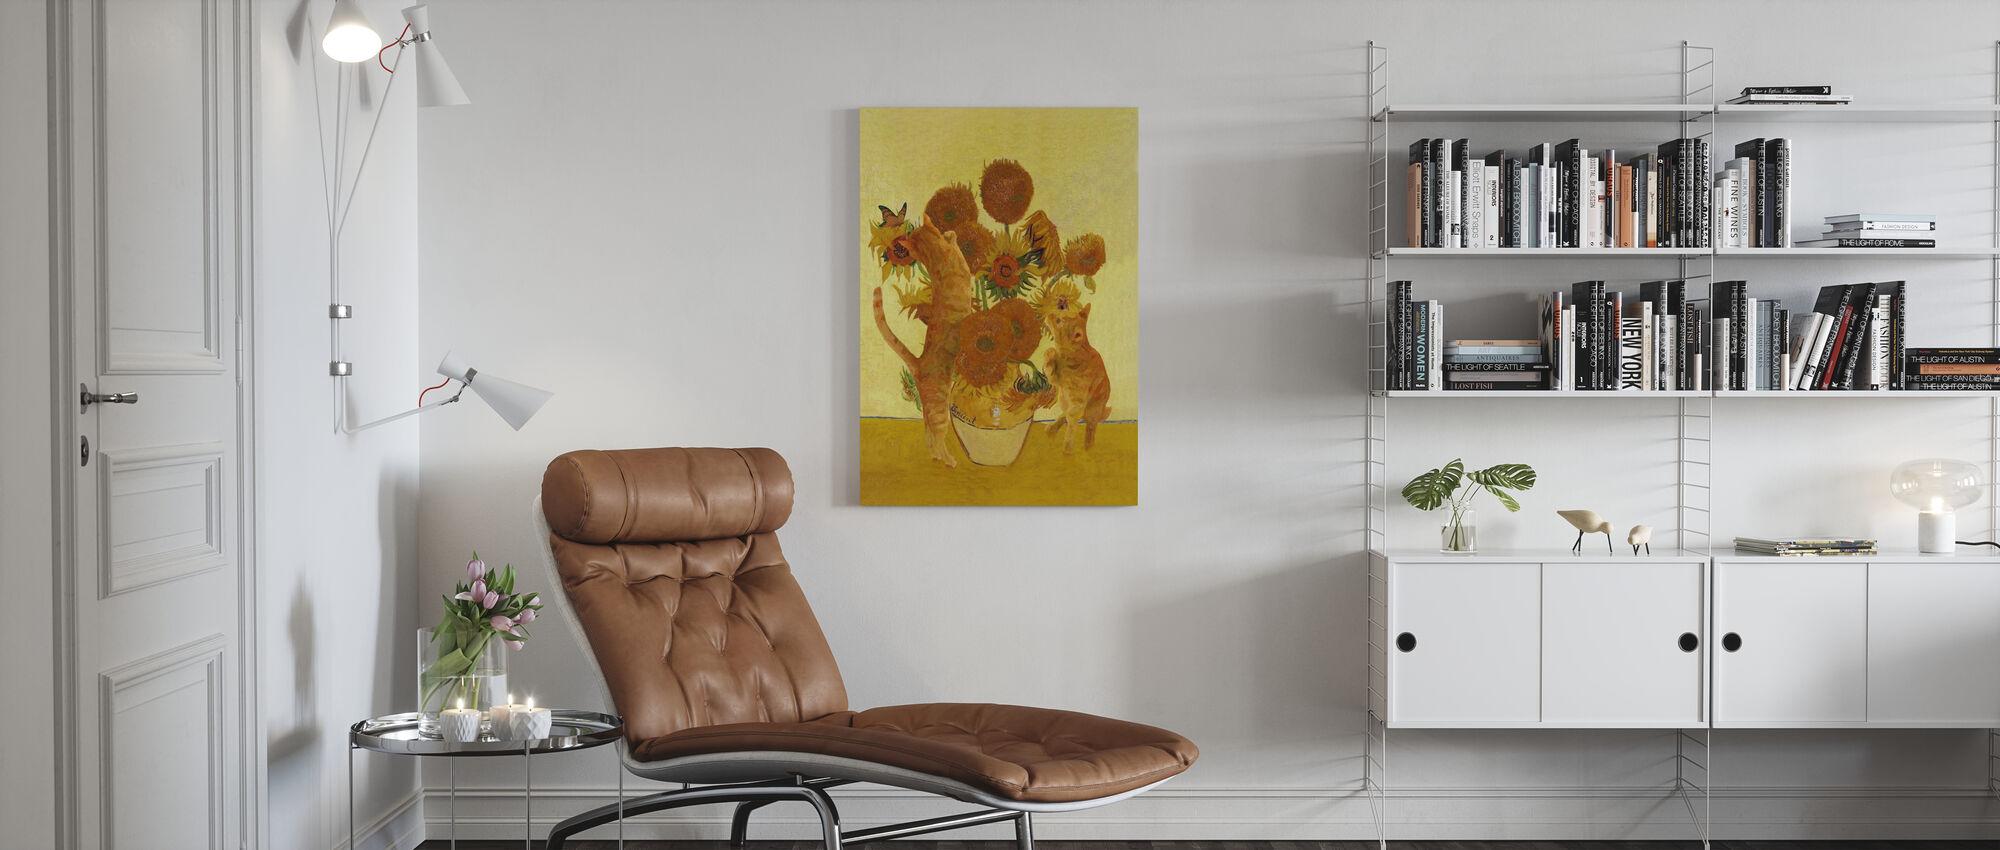 Vangogh Cats - Canvas print - Living Room